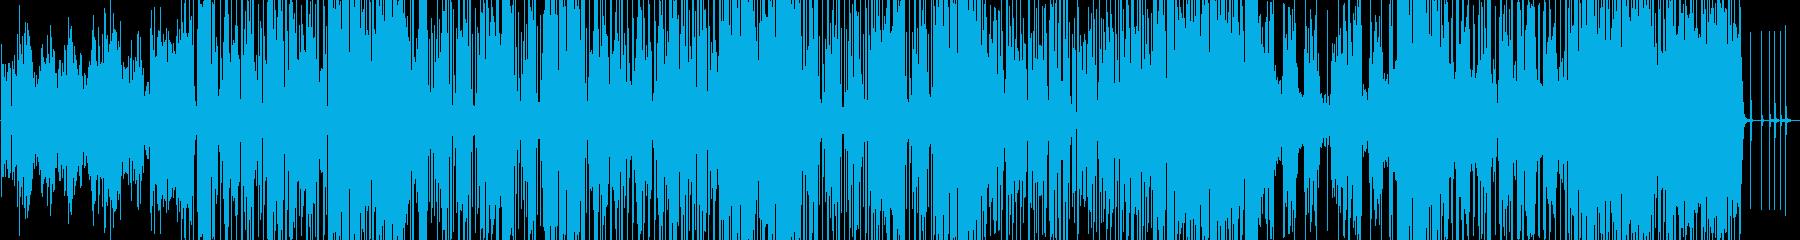 アップテンポの80`sディスコ曲 の再生済みの波形